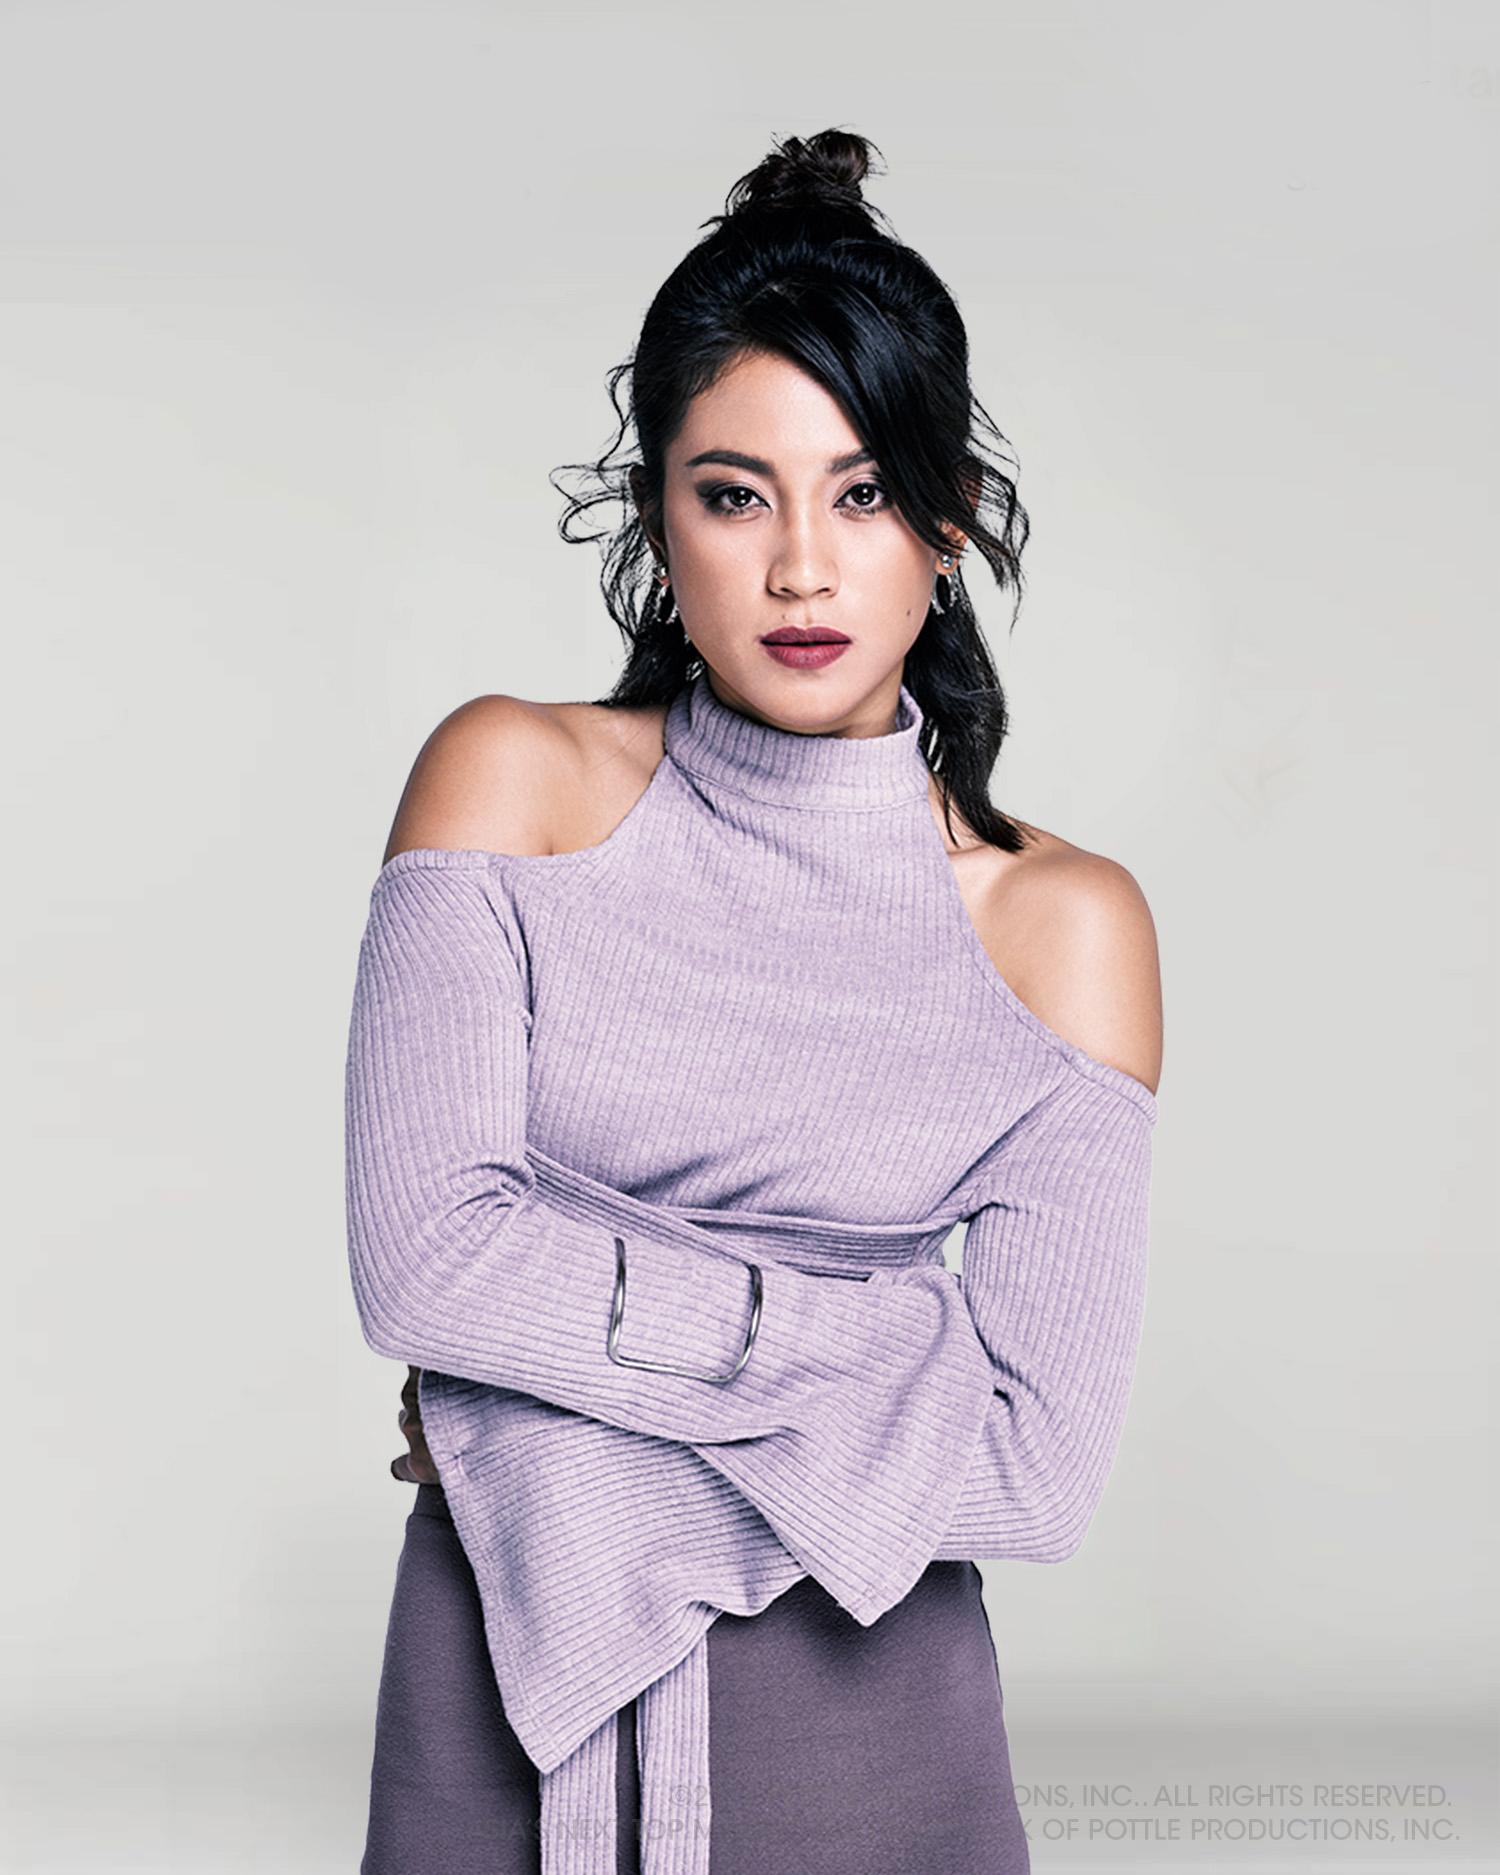 Chính thức: Minh Tú là đại diện Việt Nam tại Asias Next Top Model! - Ảnh 6.